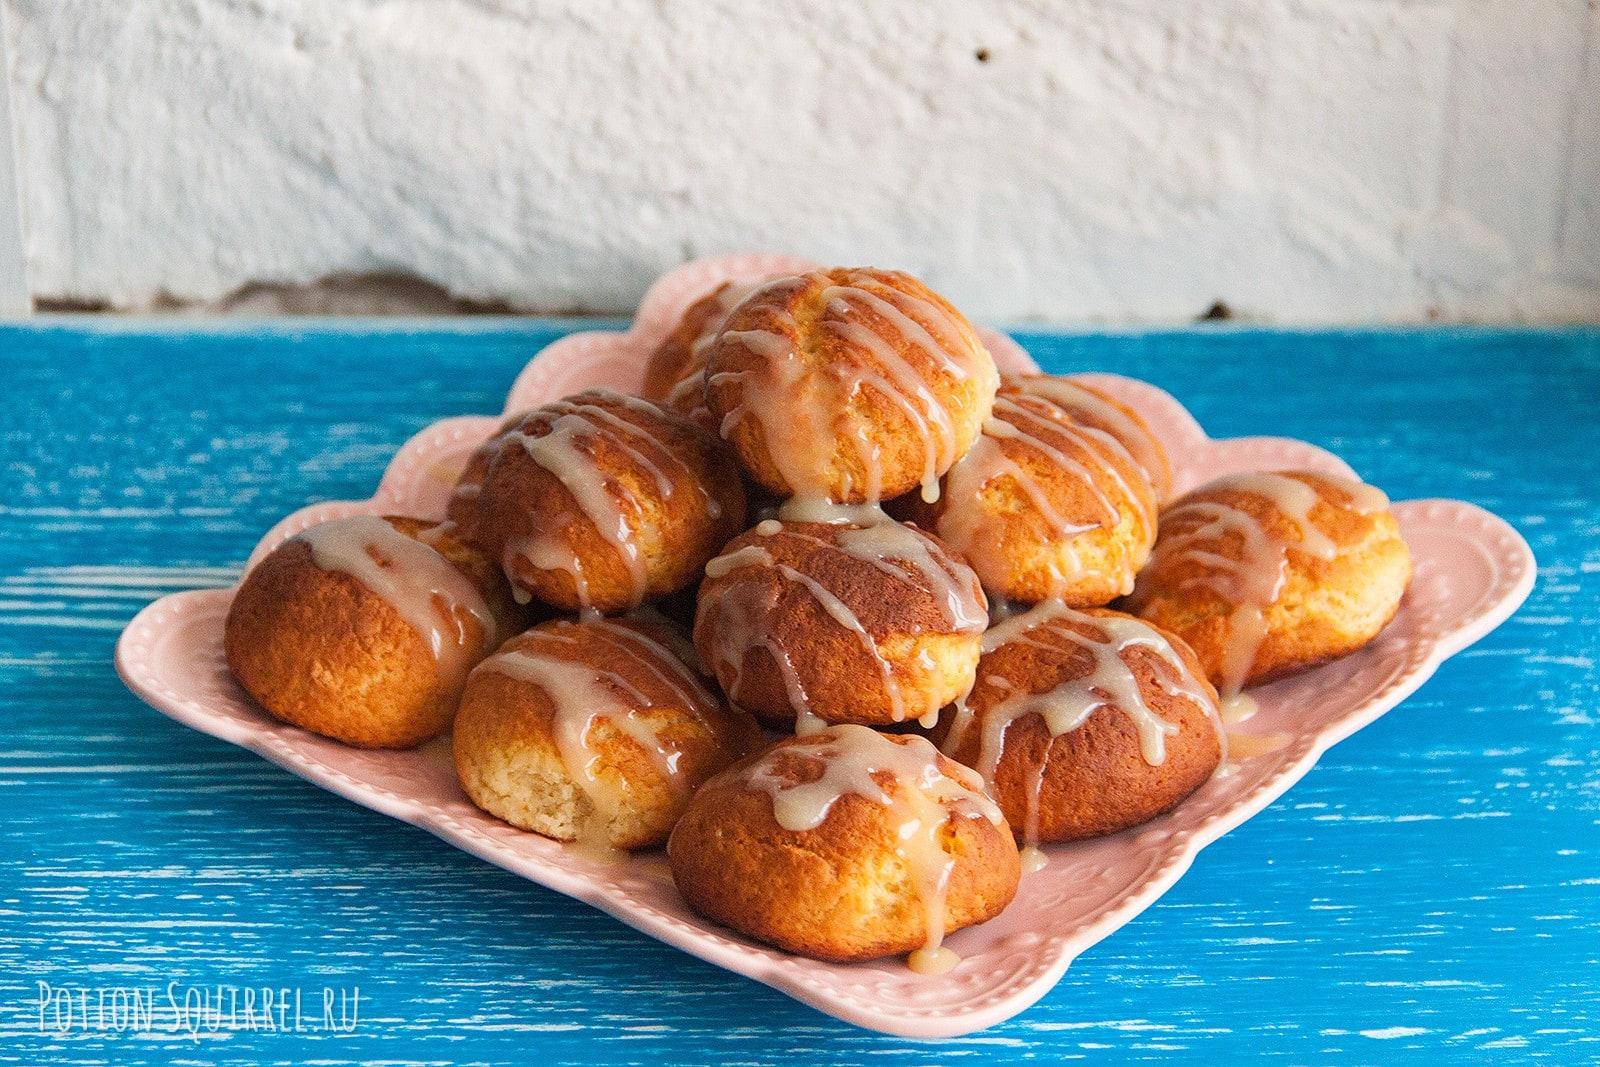 Лимонно-творожное печенье. Фото, ингридиенты, пошаговый рецепт от PotionSquirrel.ru